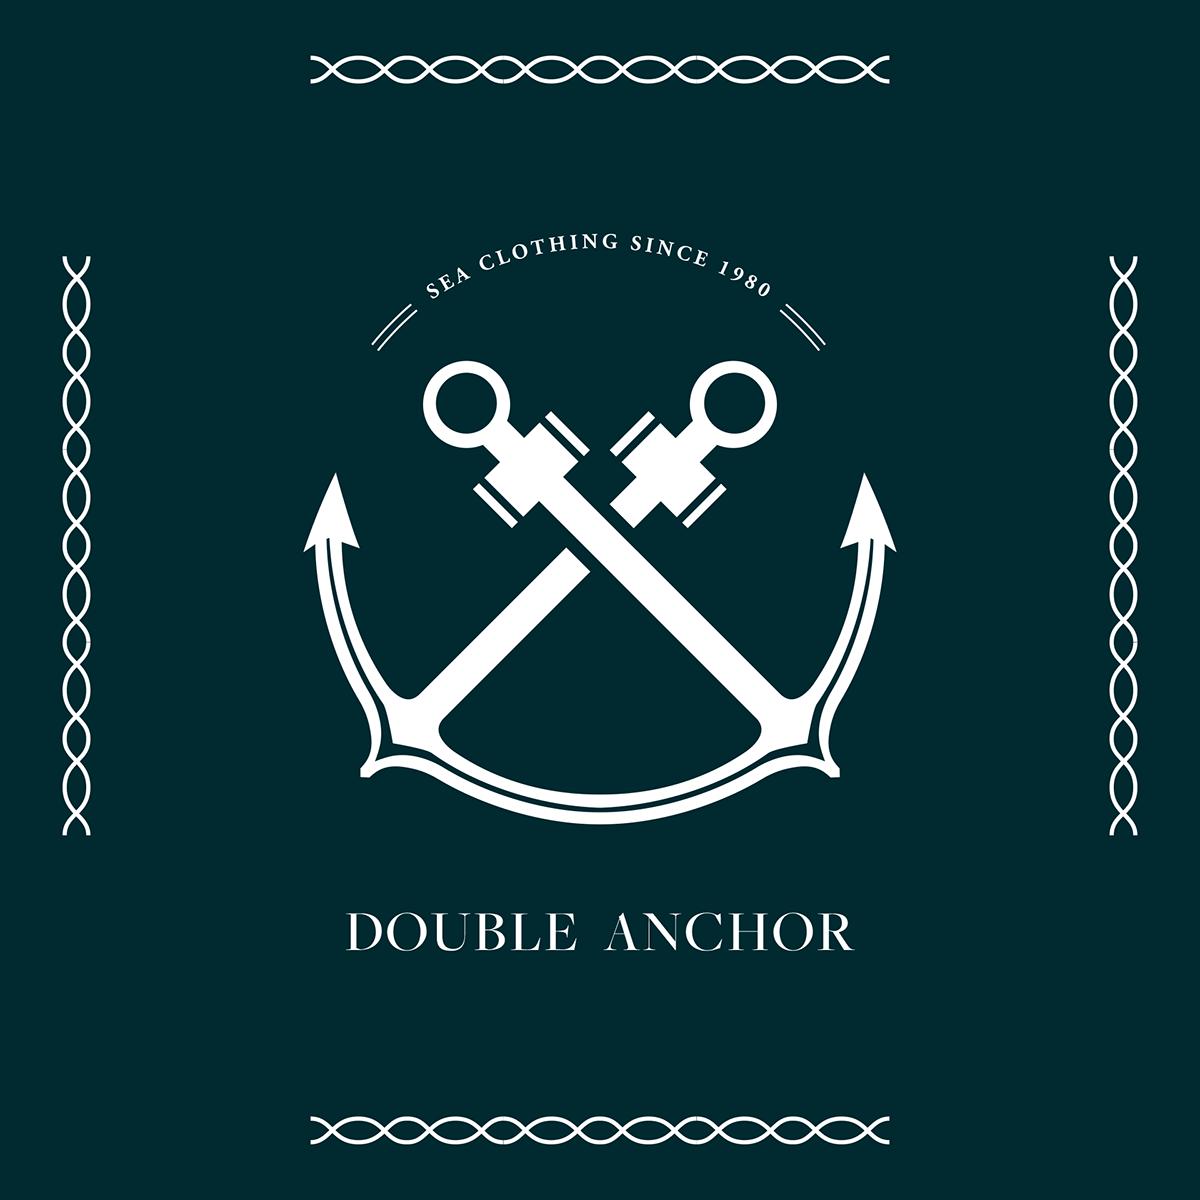 Double anchor logo design